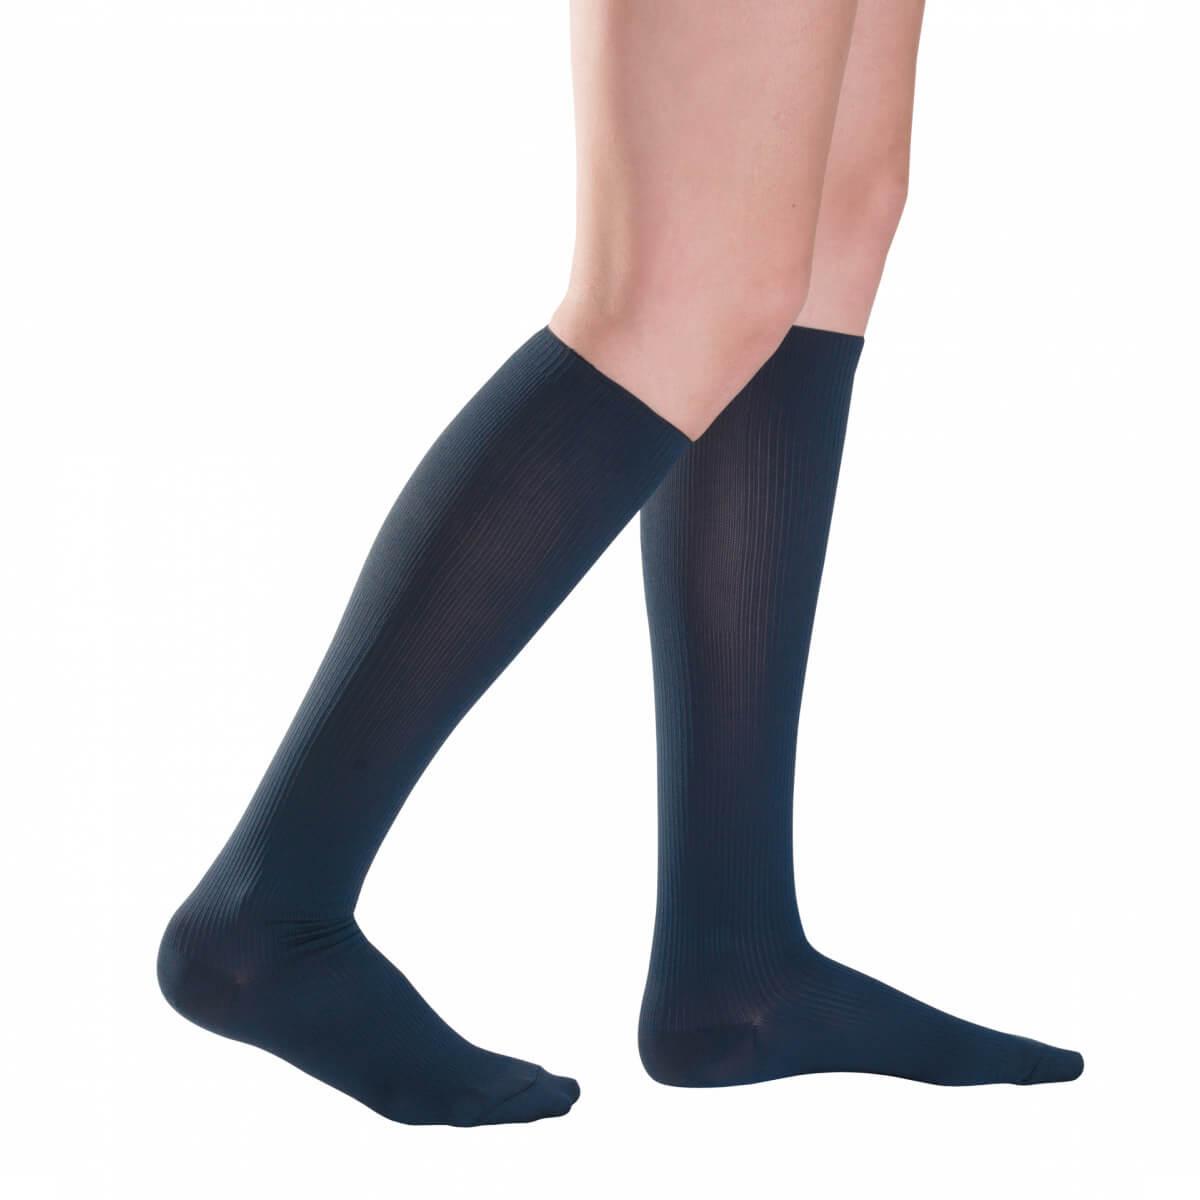 Kompresné ponožky Traveno by SIGVARIS - tmavomodré, veľkosť 36-37